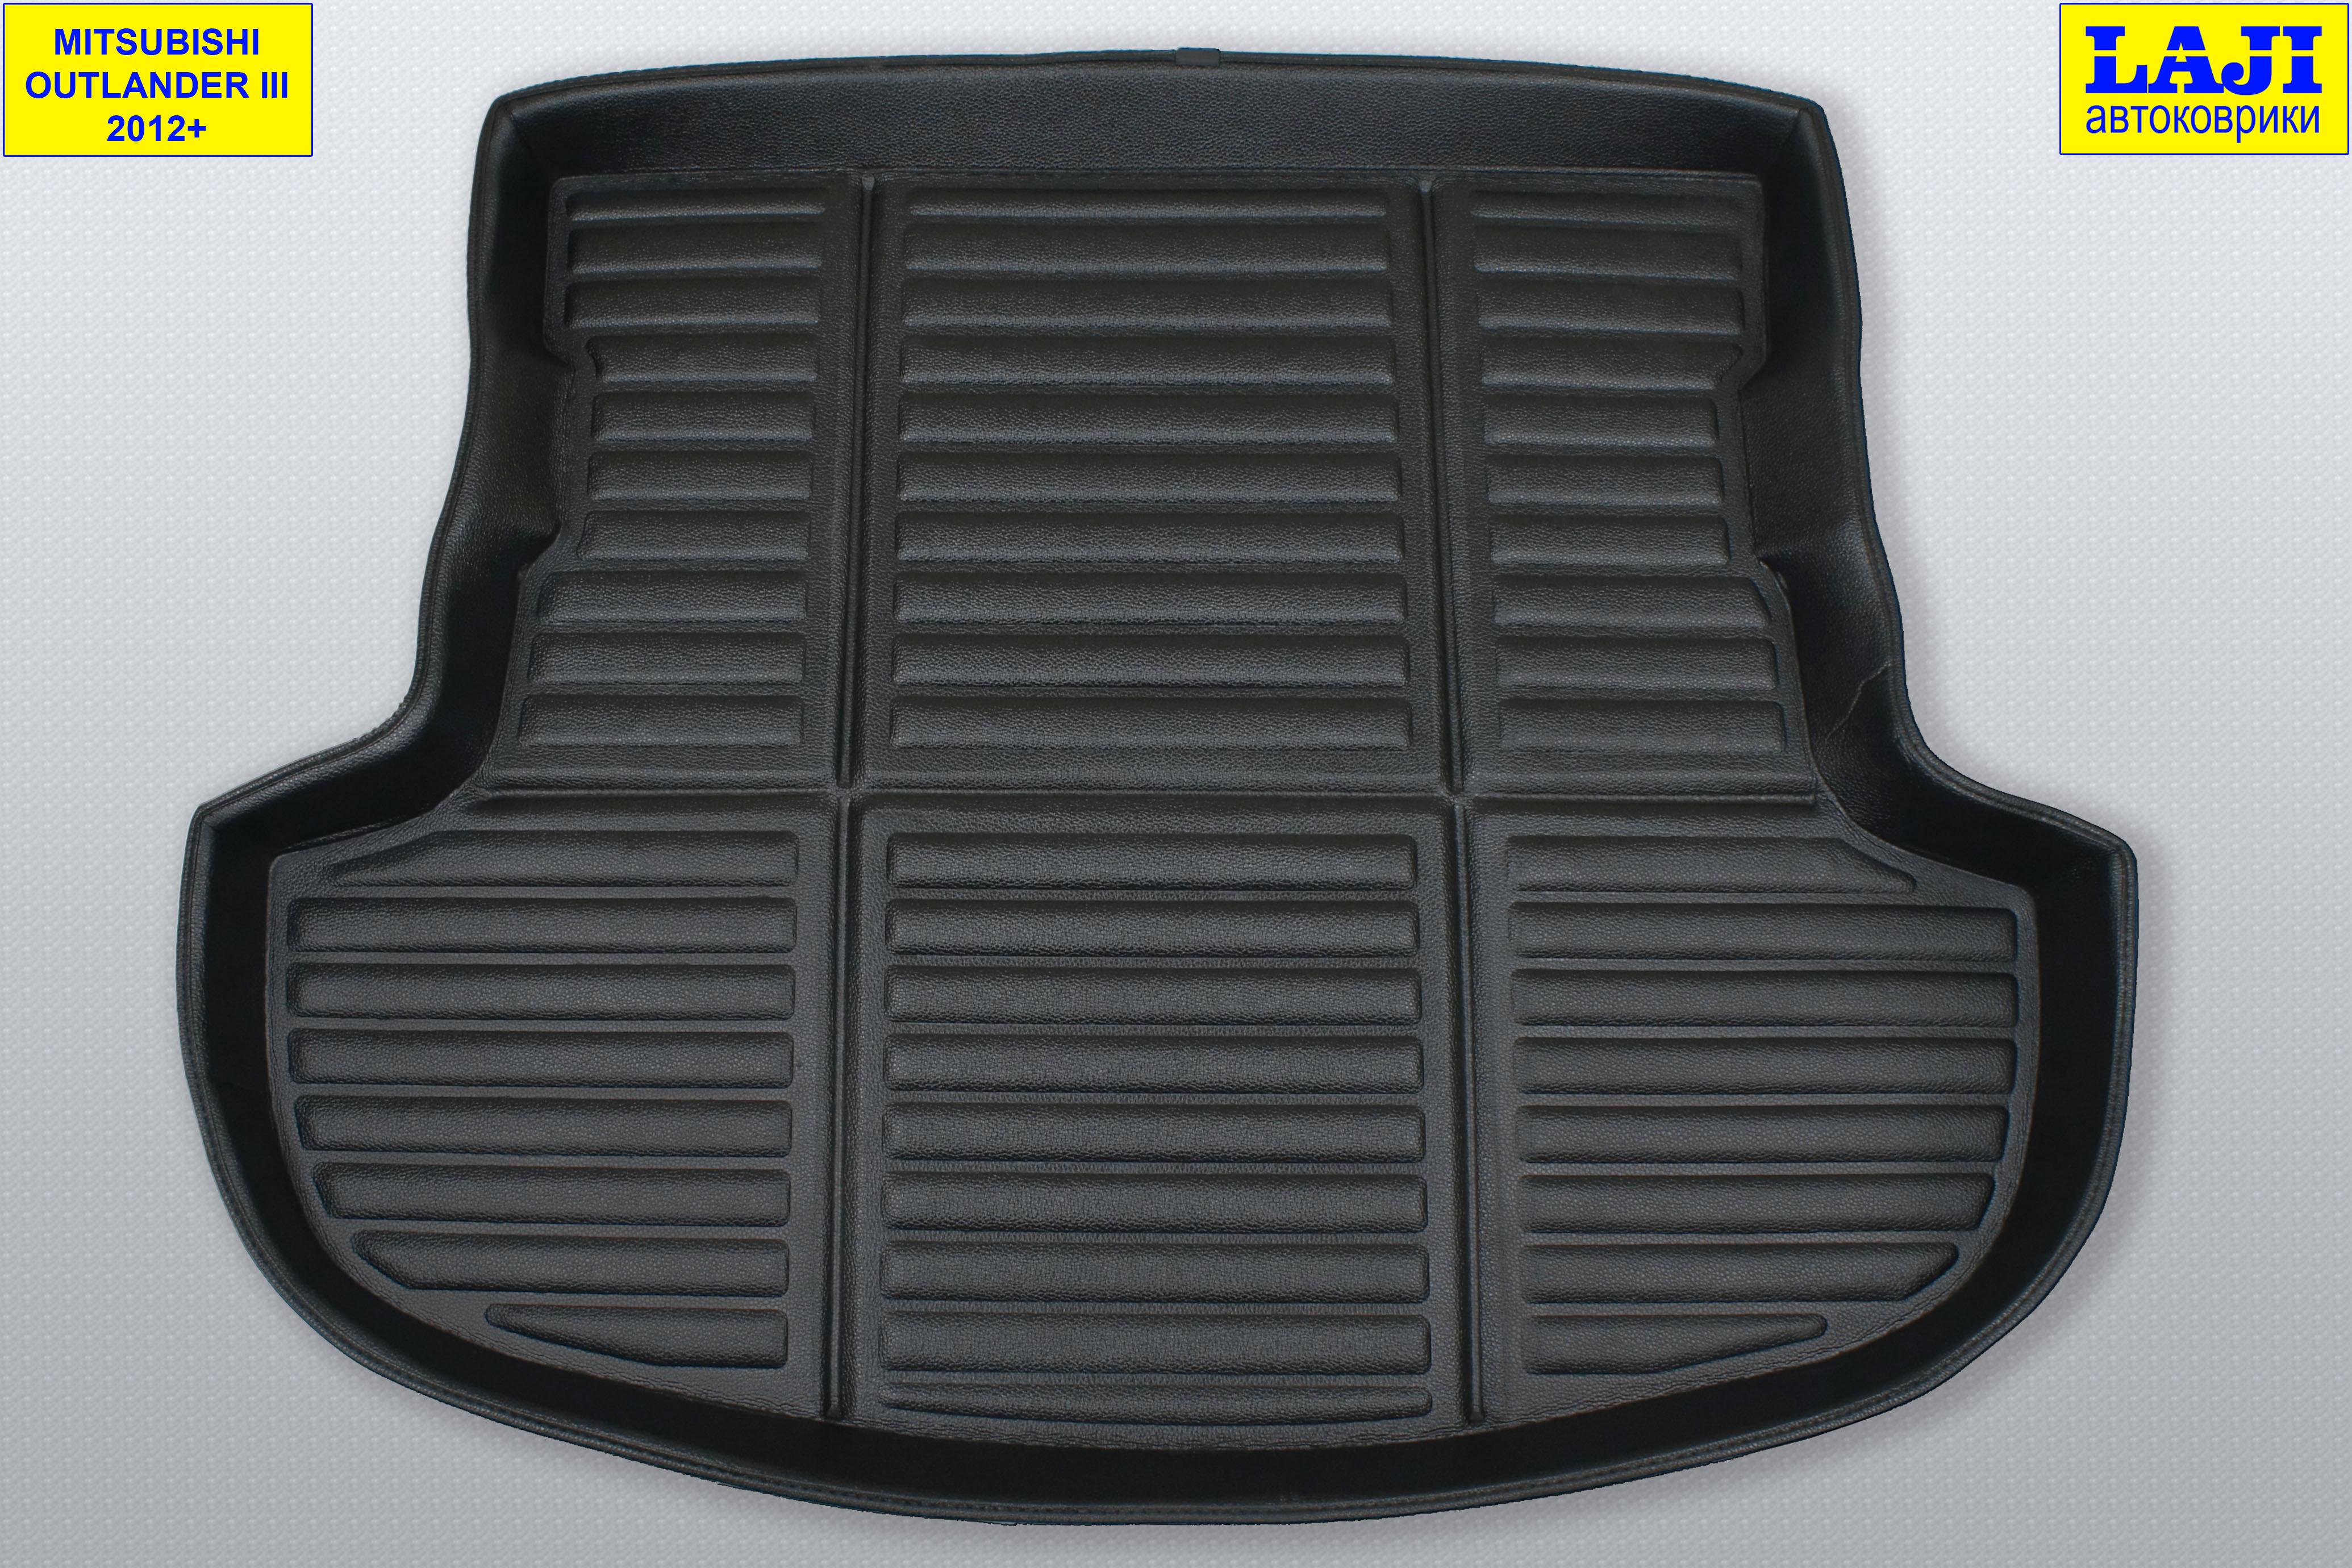 3D коврик в багажник Mitsubishi Outlander III 2012-н.в. 1